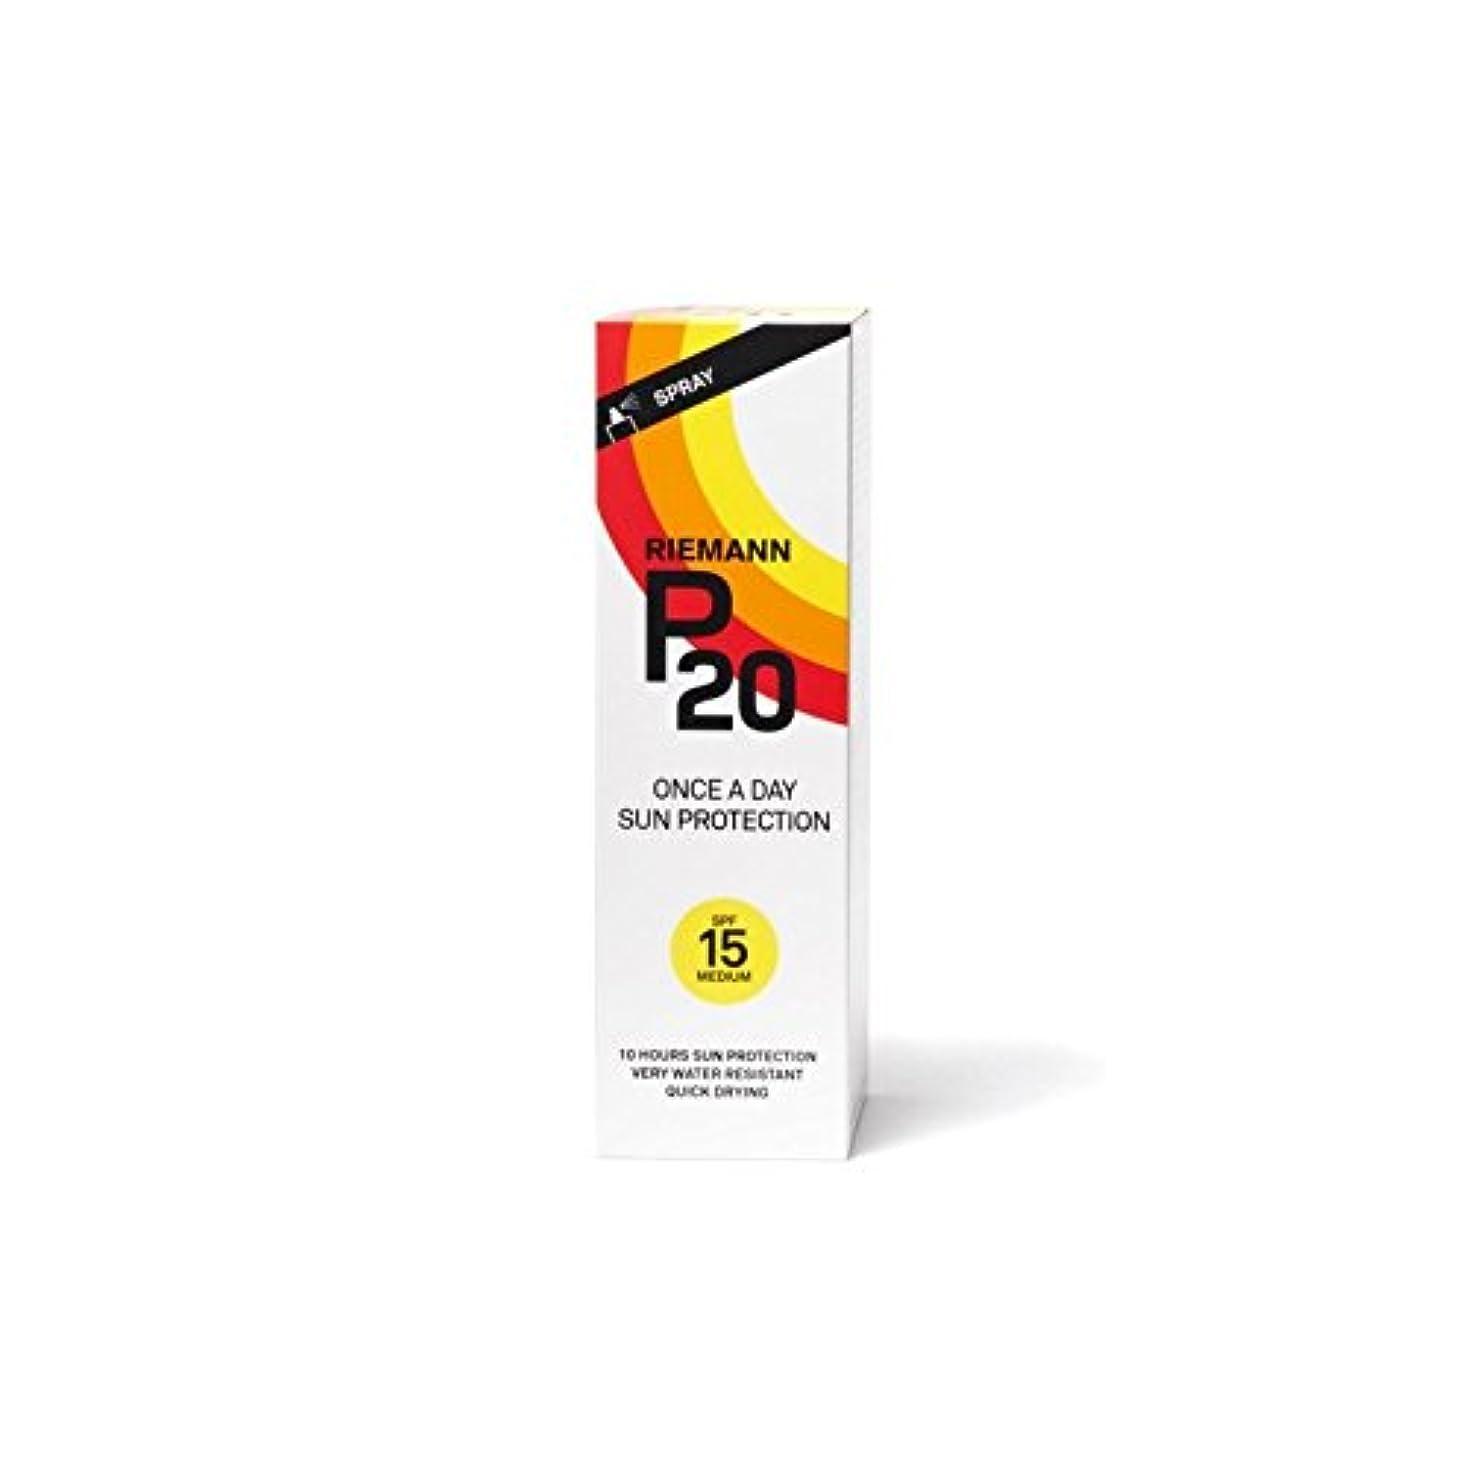 生物学雄弁家認可Riemann P20 Sun Filter 100ml SPF15 - リーマン20のサンフィルター100ミリリットル15 [並行輸入品]